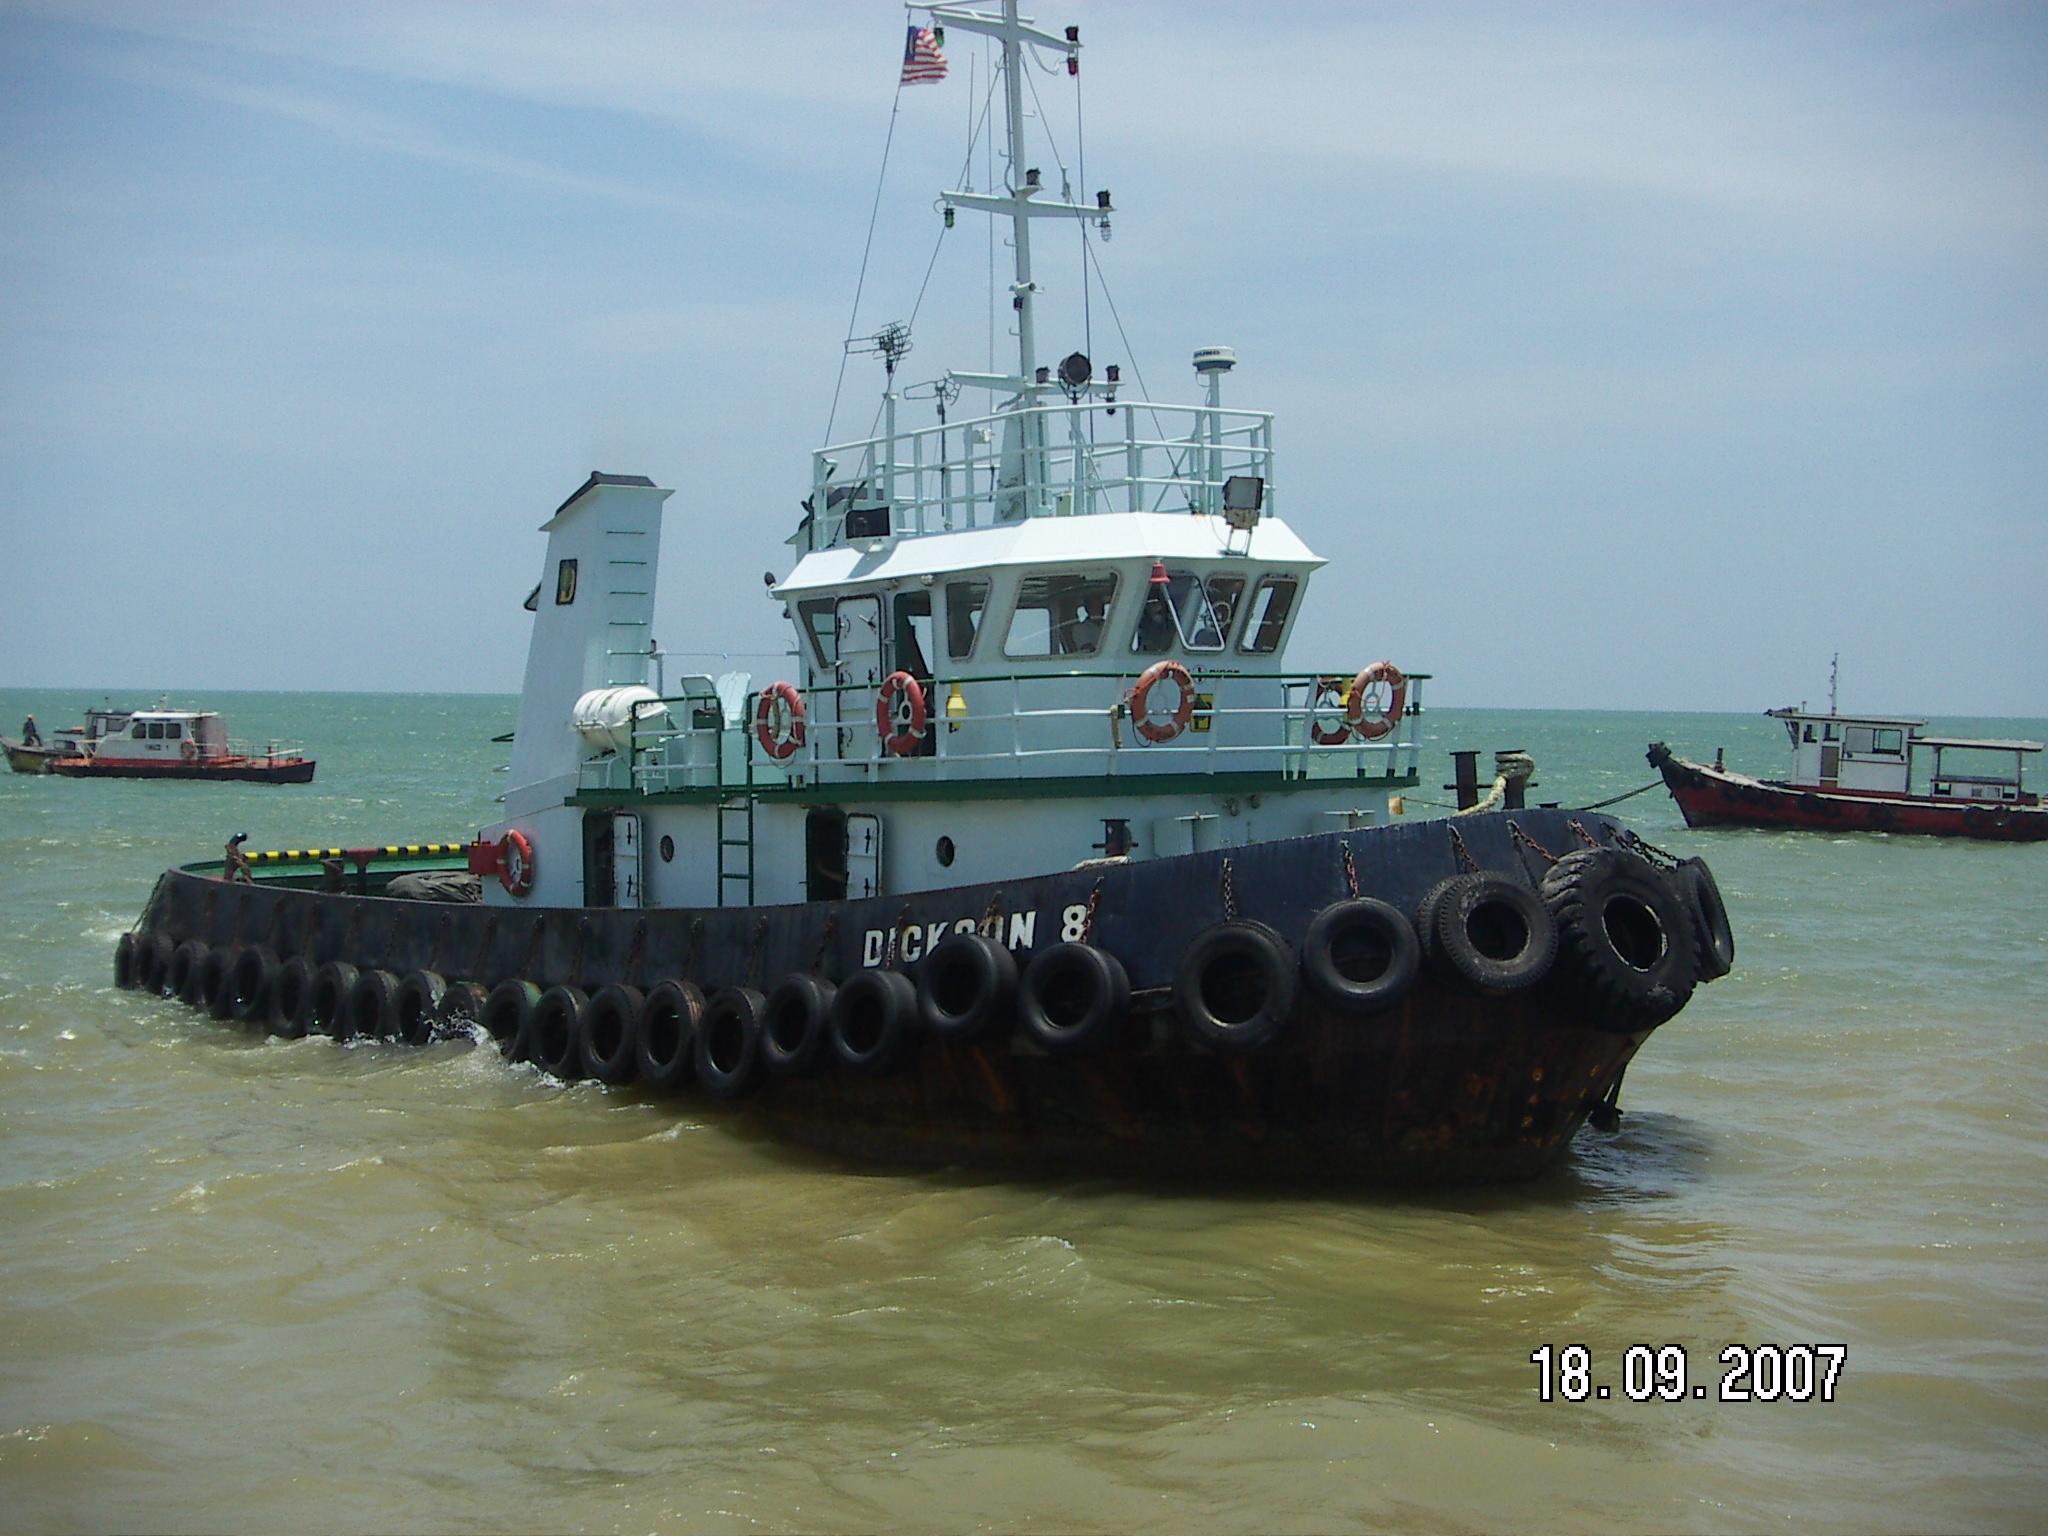 Escort tug service Malaysia